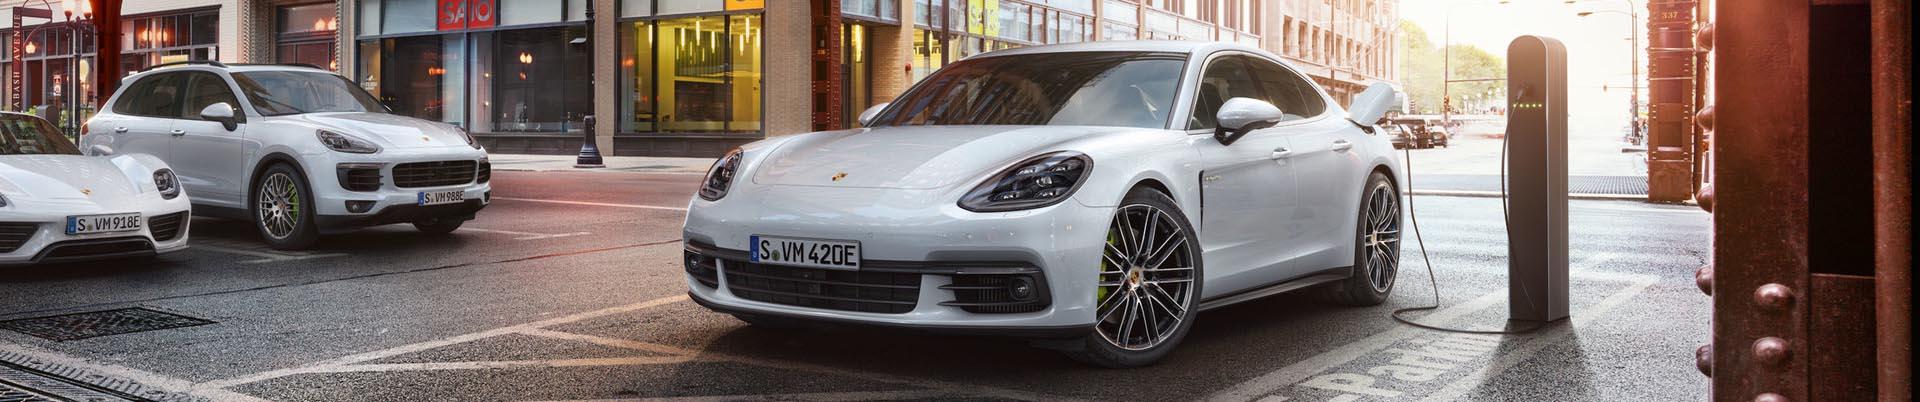 Porsche Panamera Hybrid, los europeos los prefieren híbridos